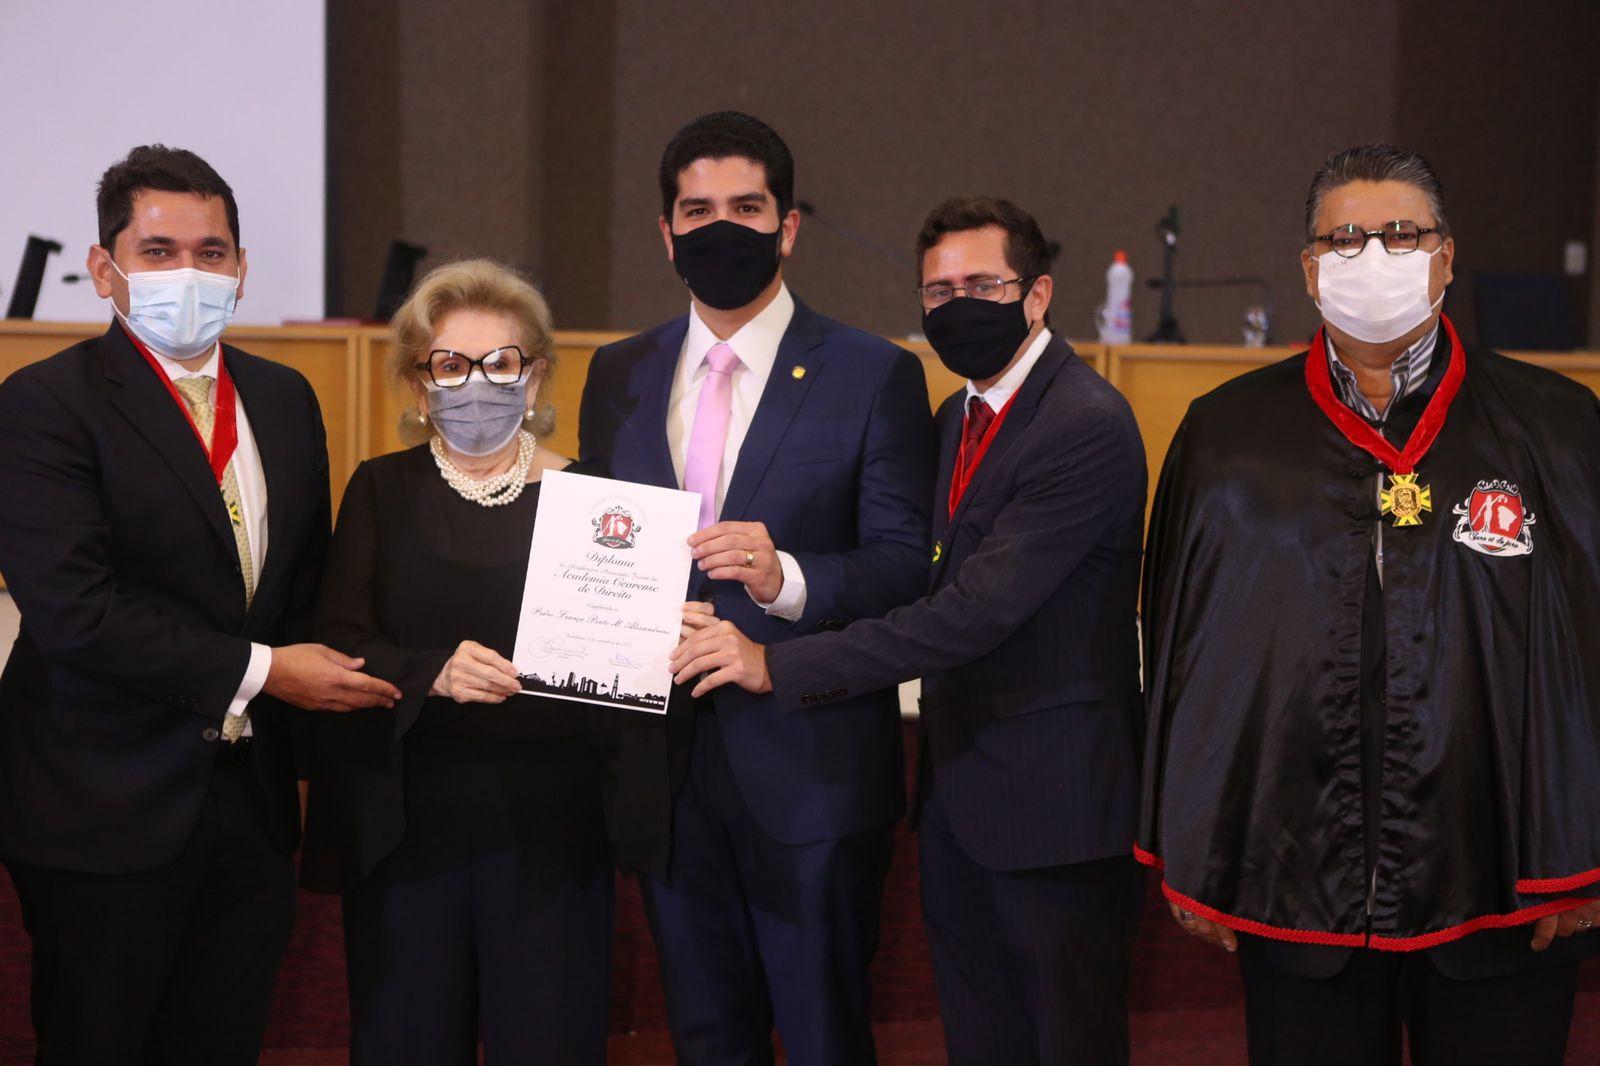 Vereador Pedro França vira membro da Academia Cearense de Direito Jovem